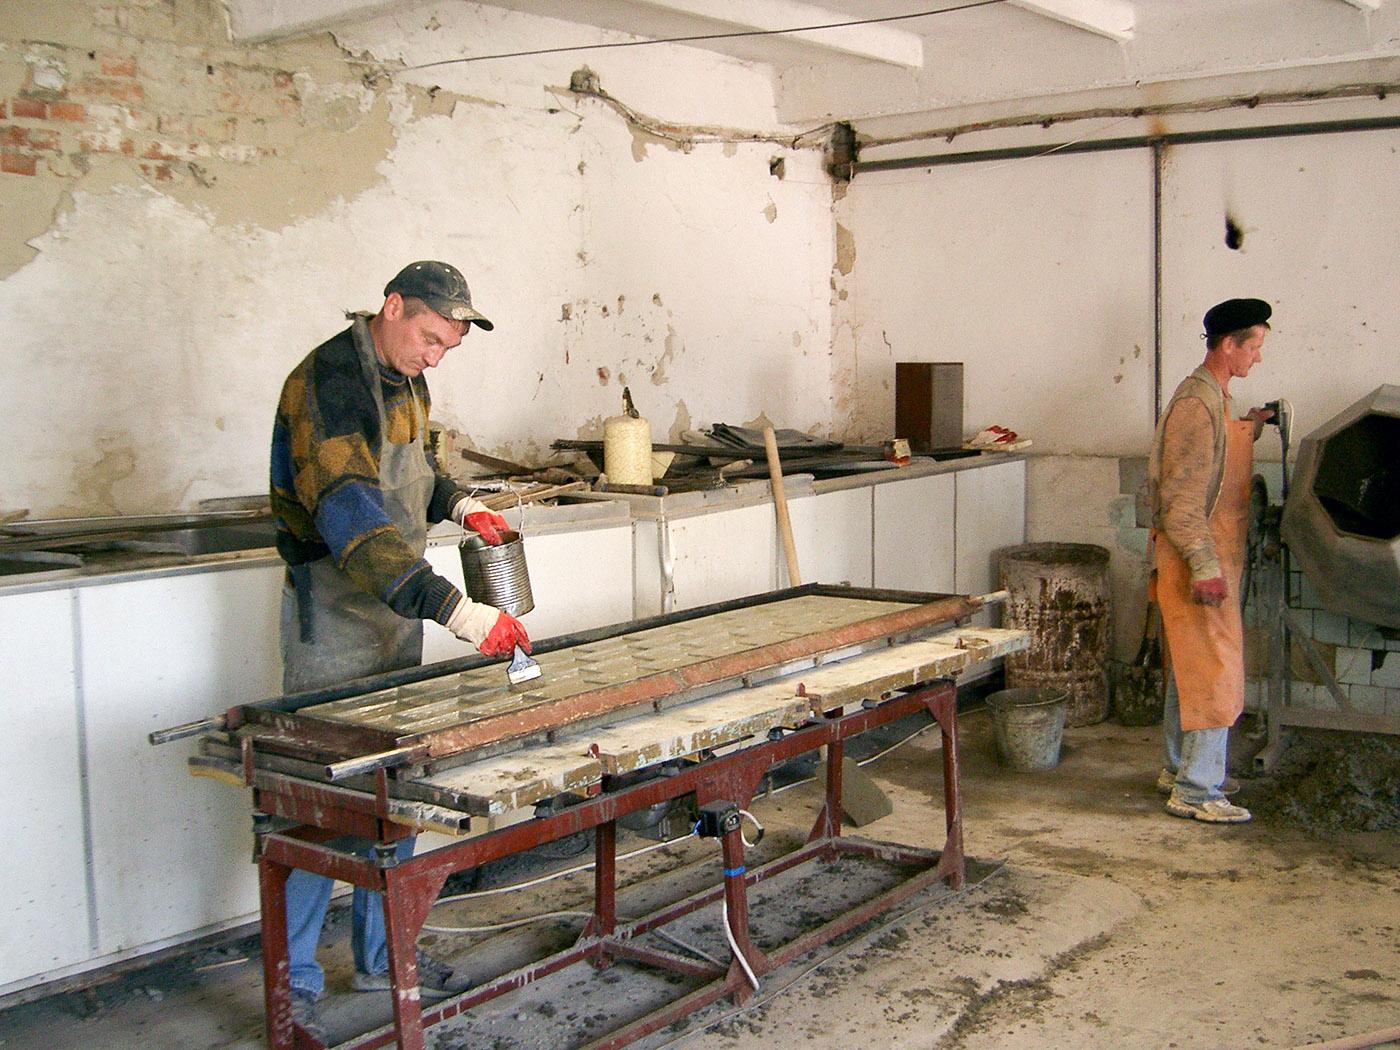 Mannen in de werkplaats van het opvangcentrum.